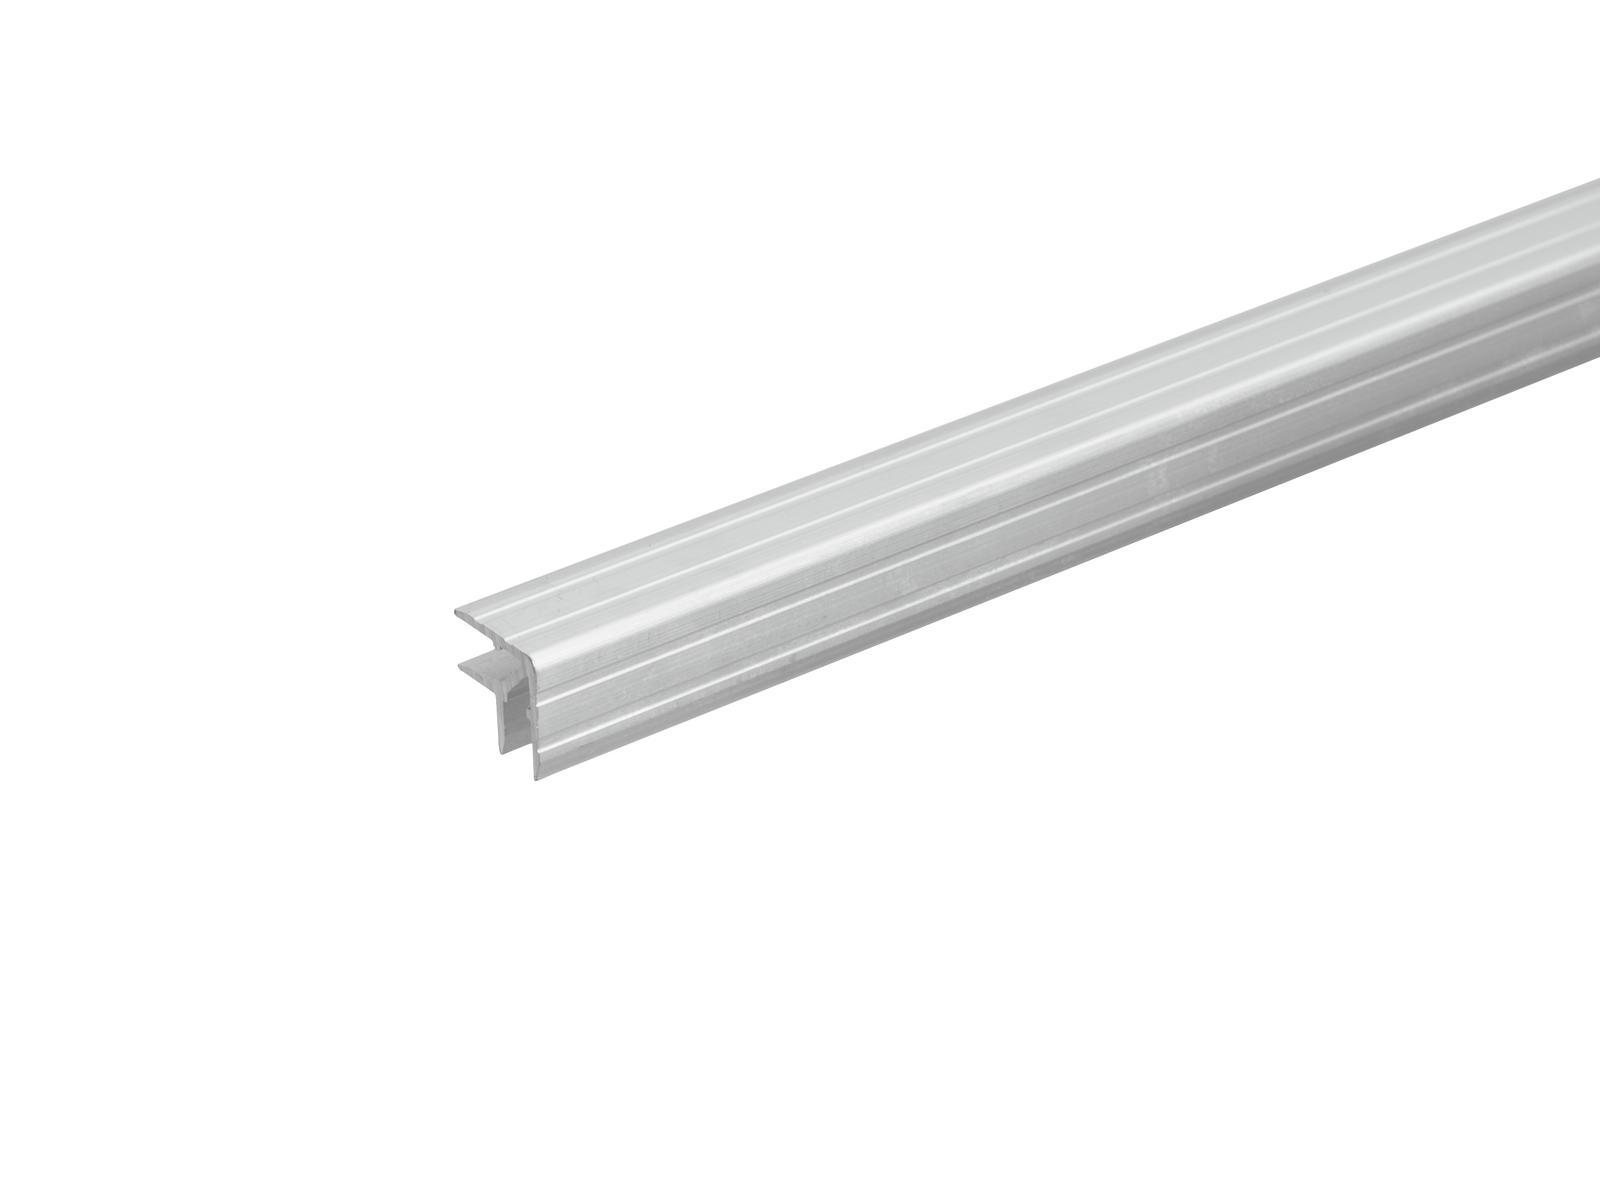 Profil hliníkový casemaker 20 x 20 mm, pro překližku 6,7 mm